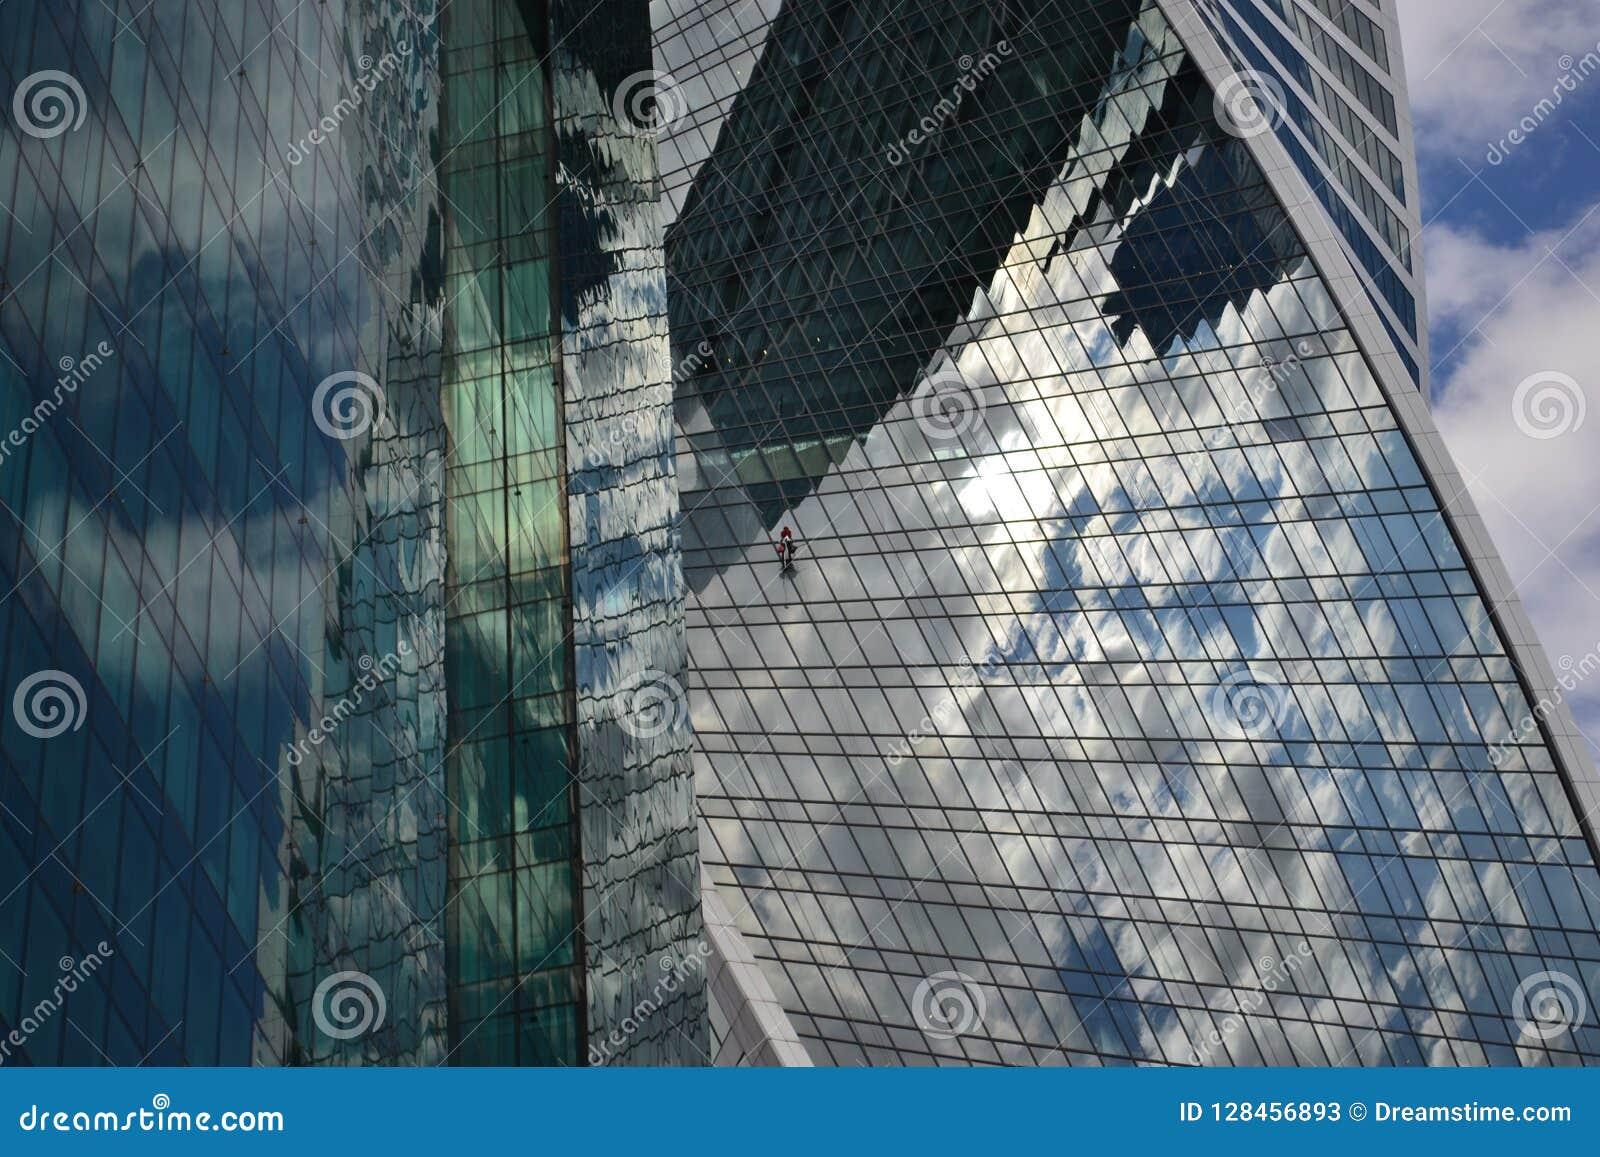 Città torre grattacielo vetro architettura immagine stock